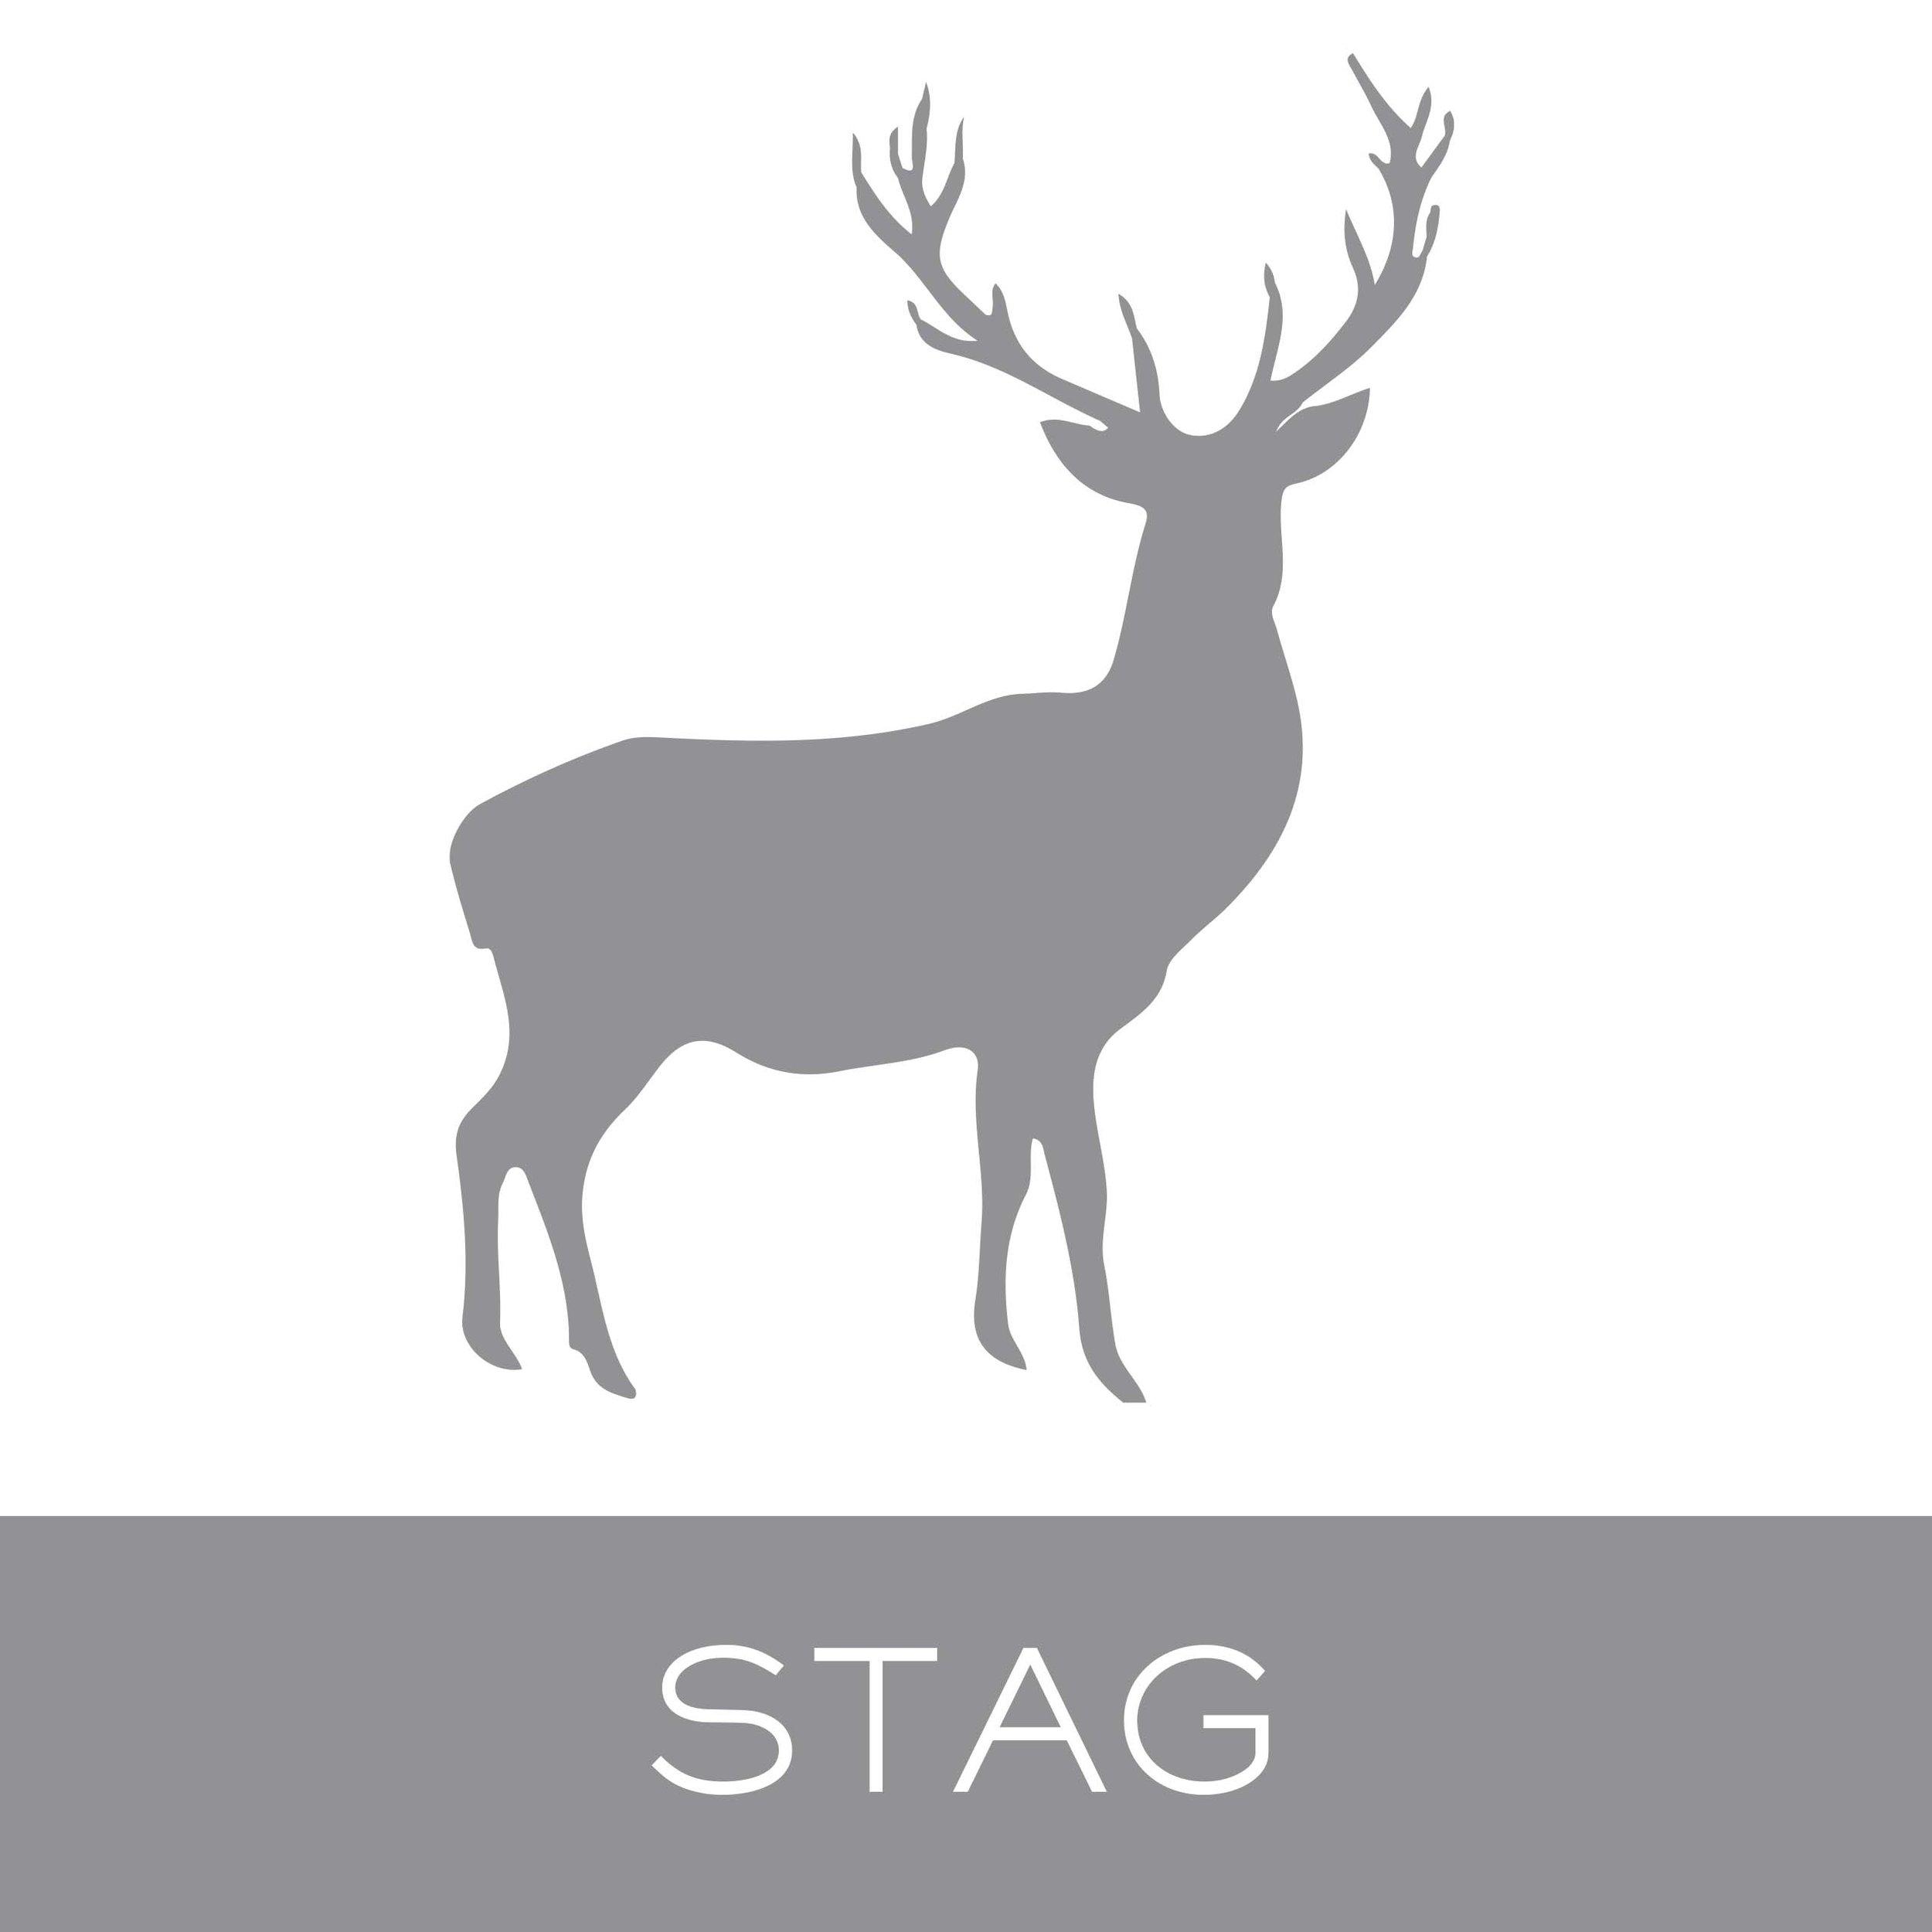 stag.jpg